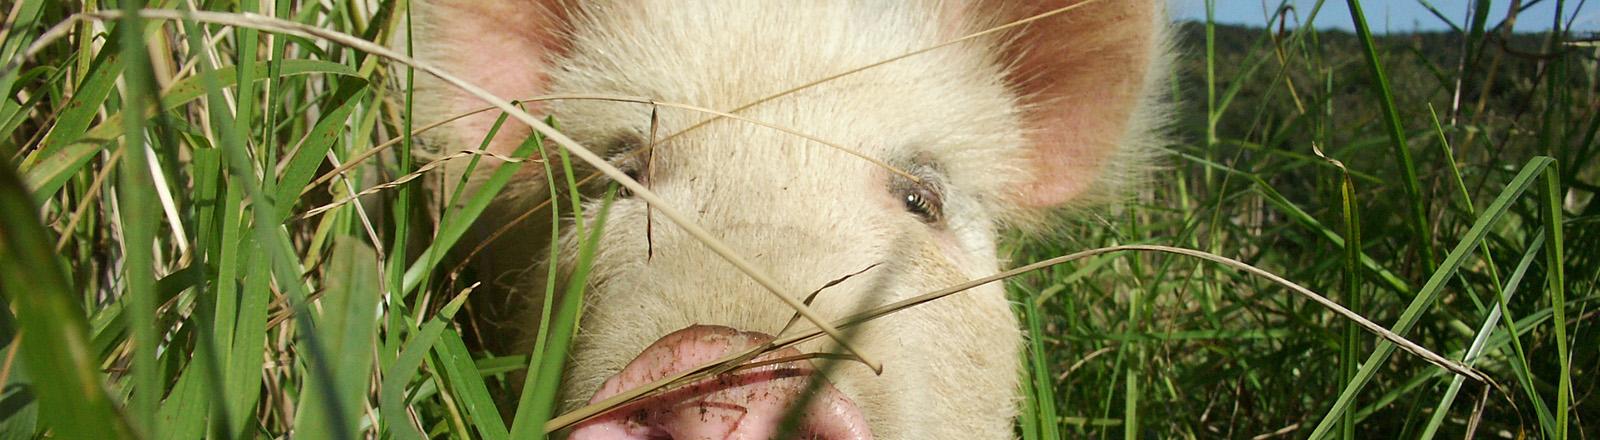 Ein Schwein im Gras